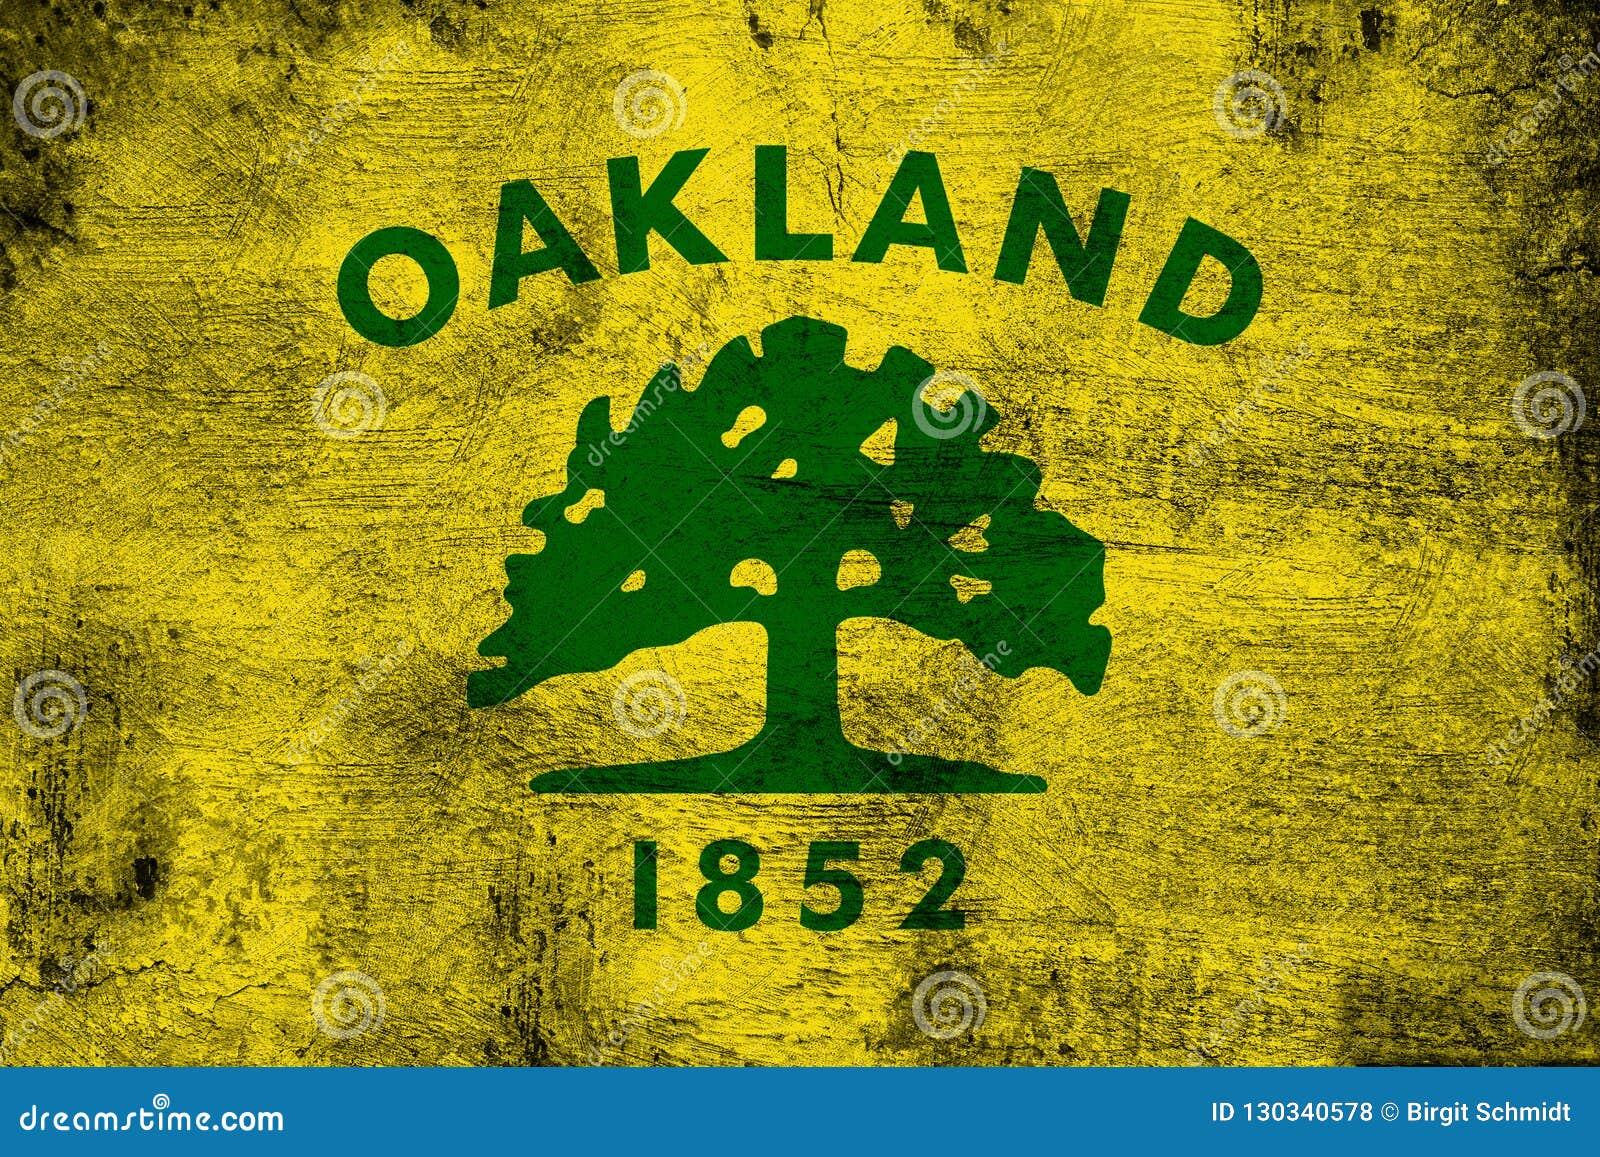 Oakland Califórnia